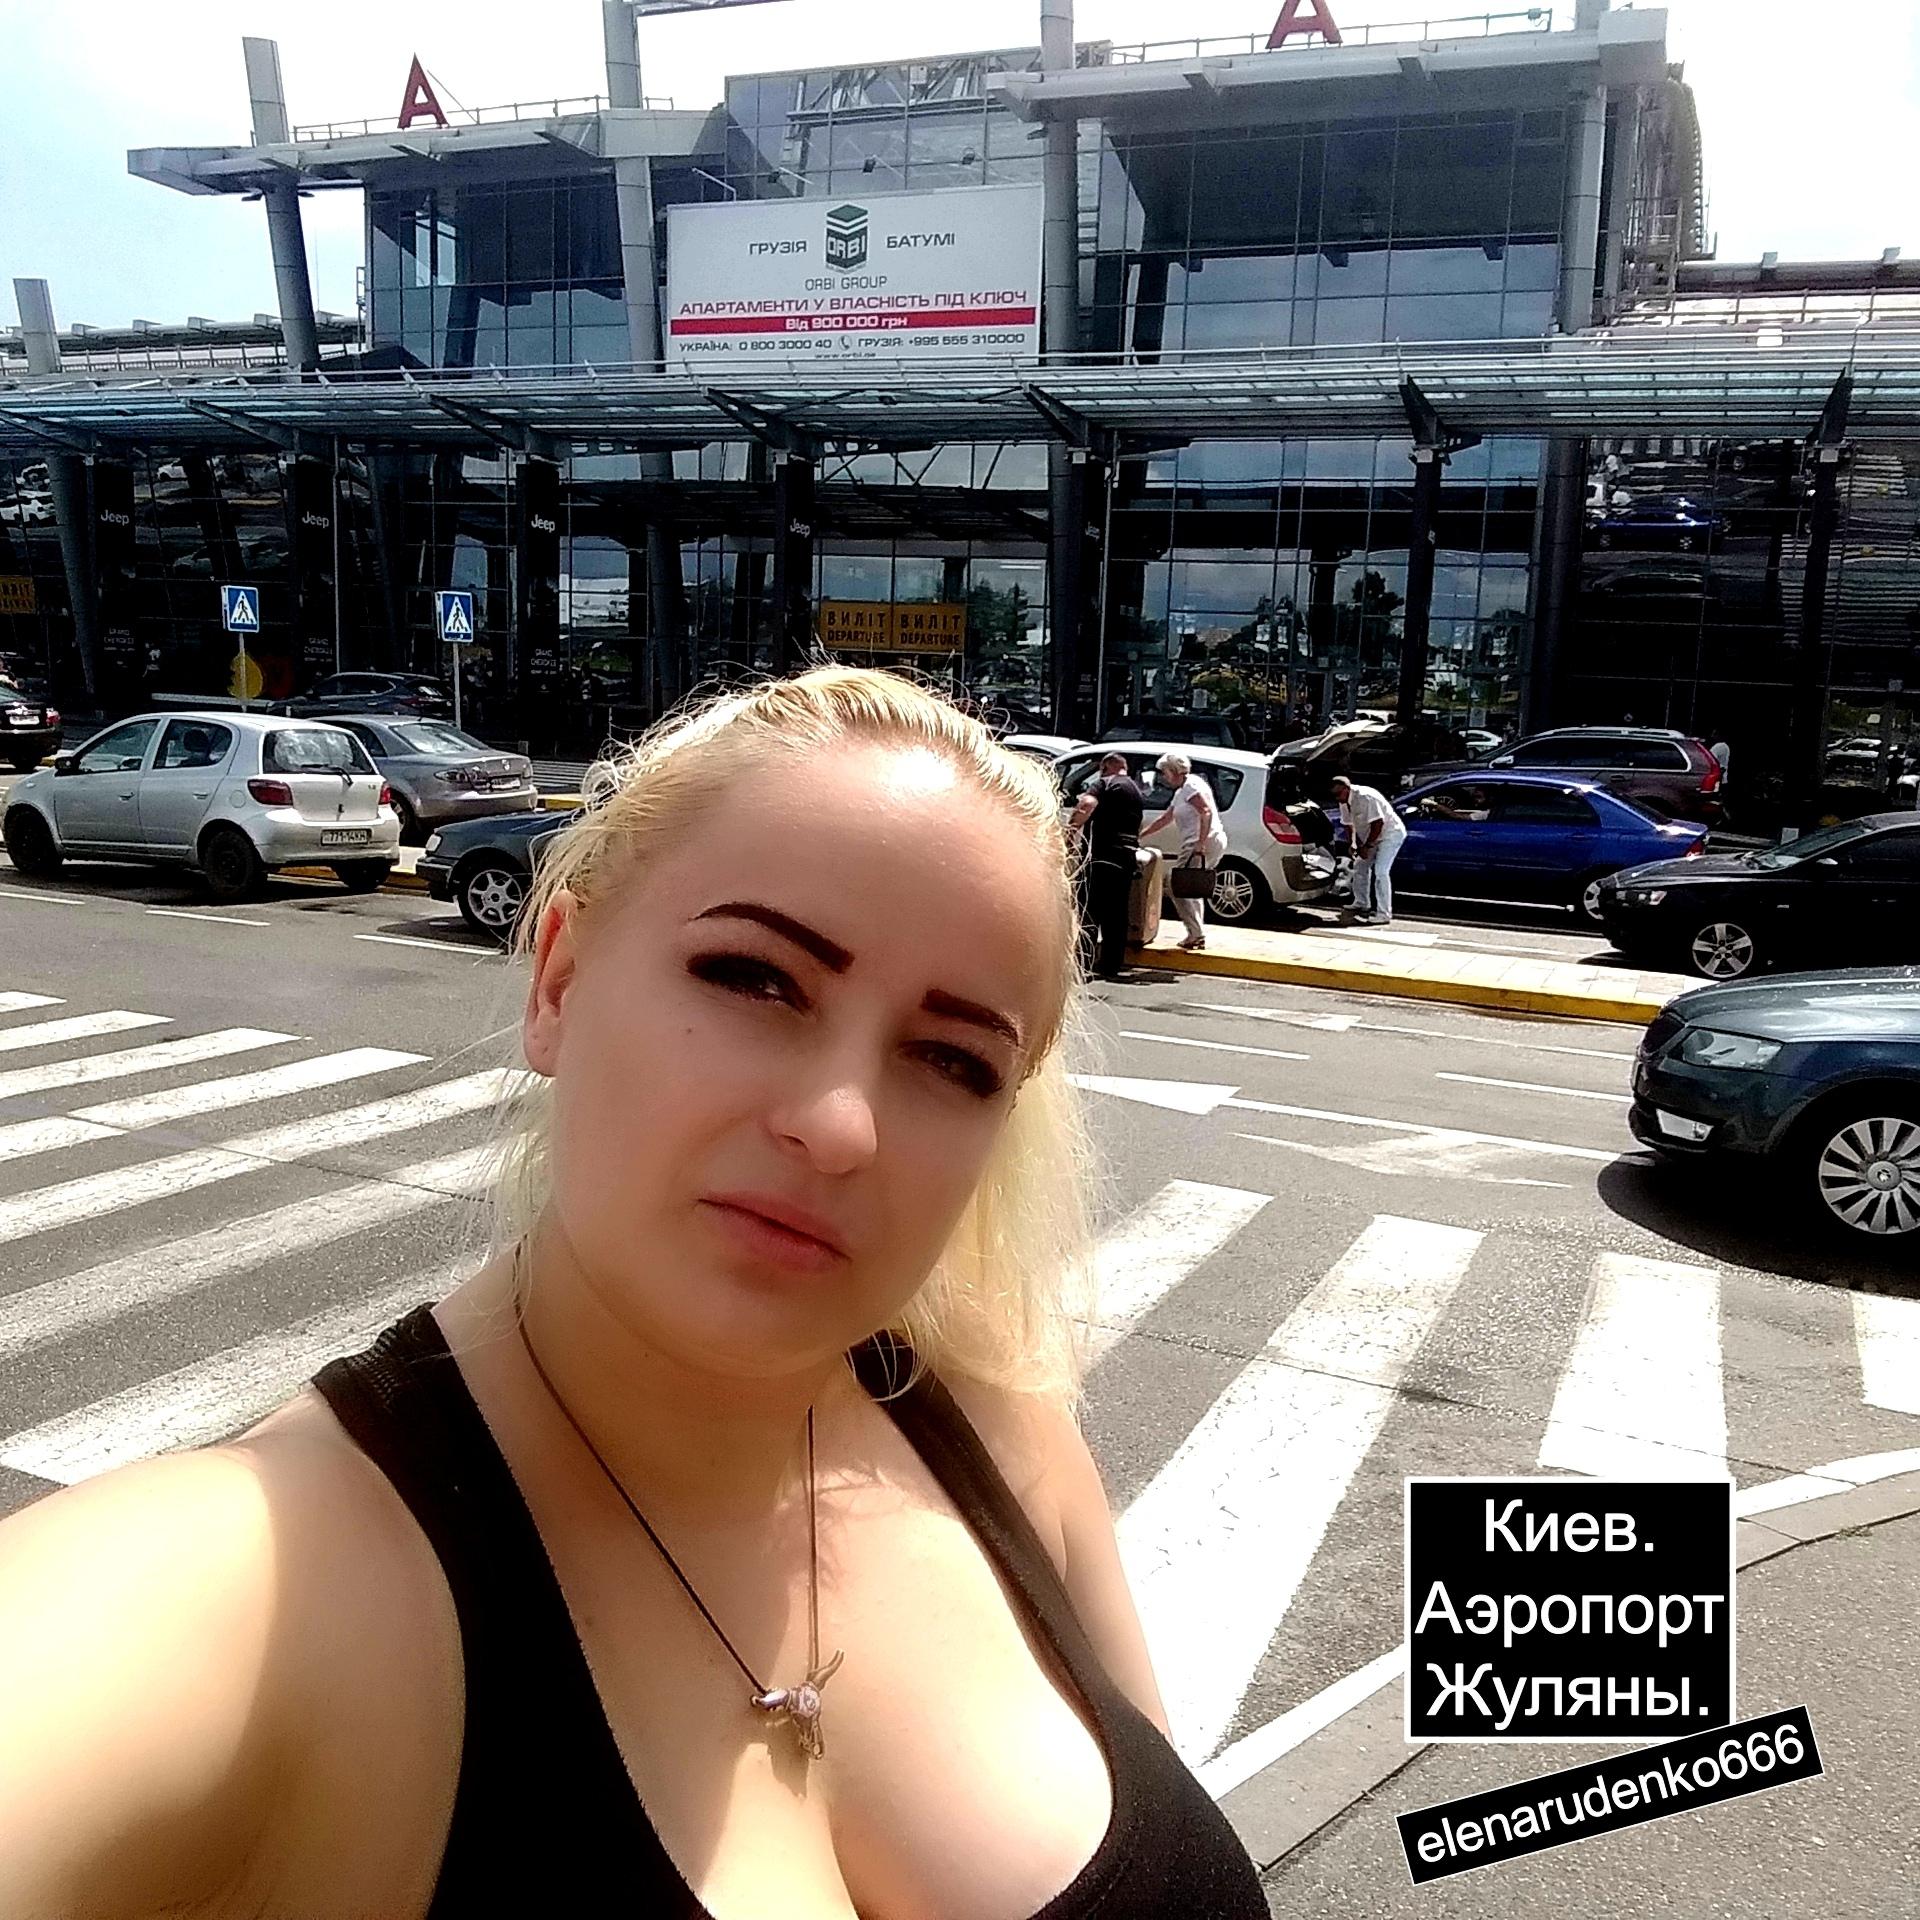 путешествие - Интересные места в которых я побывала (Елена Руденко). XcddbYf8GNA